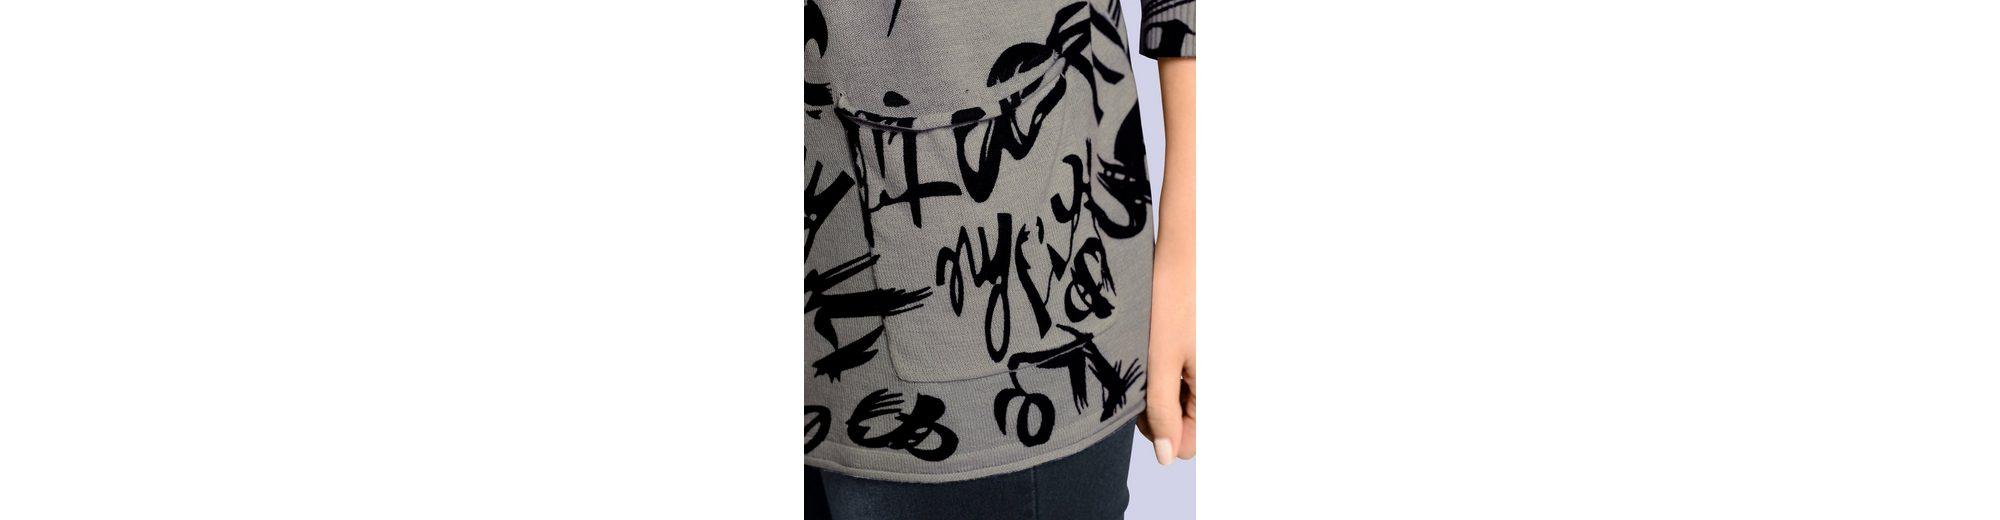 Alba Moda Oversized-Pullover mit Schriftendruck Grau-Outlet-Store Online Preiswerte Neue Aus Deutschland Freies Verschiffen Des Niedrigen Preises f4gLuwneN